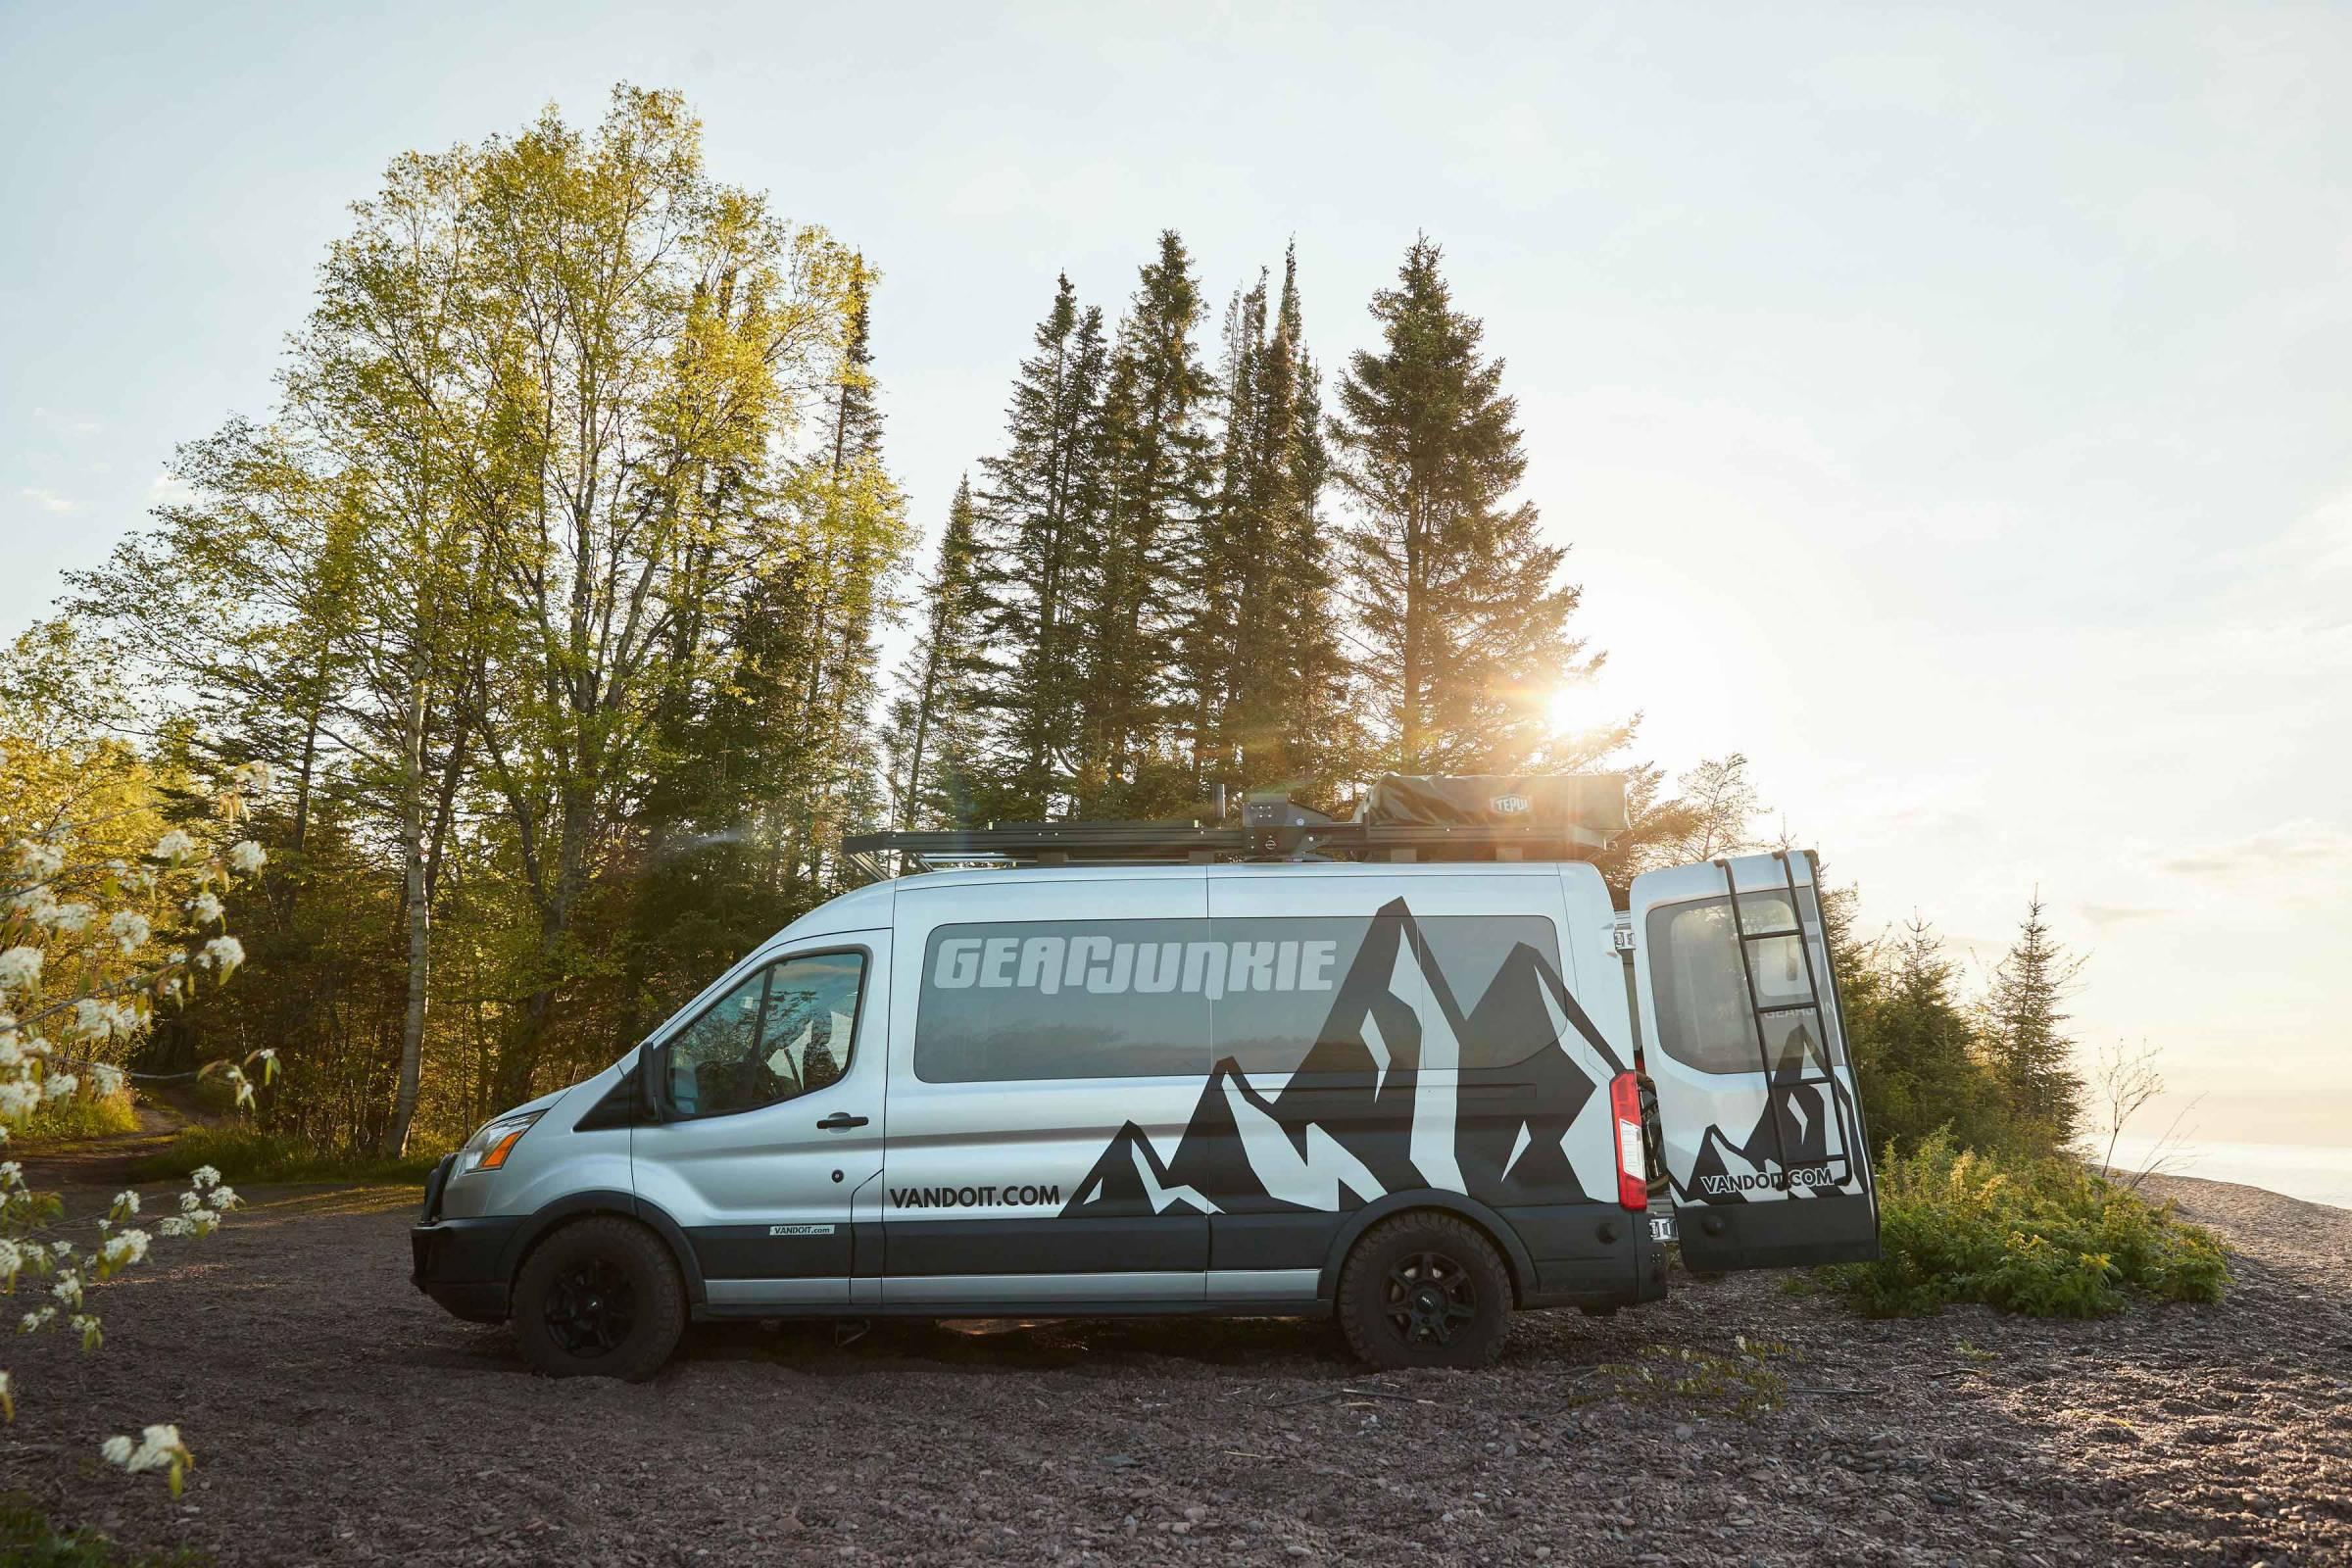 Ford Adventure Camper Van